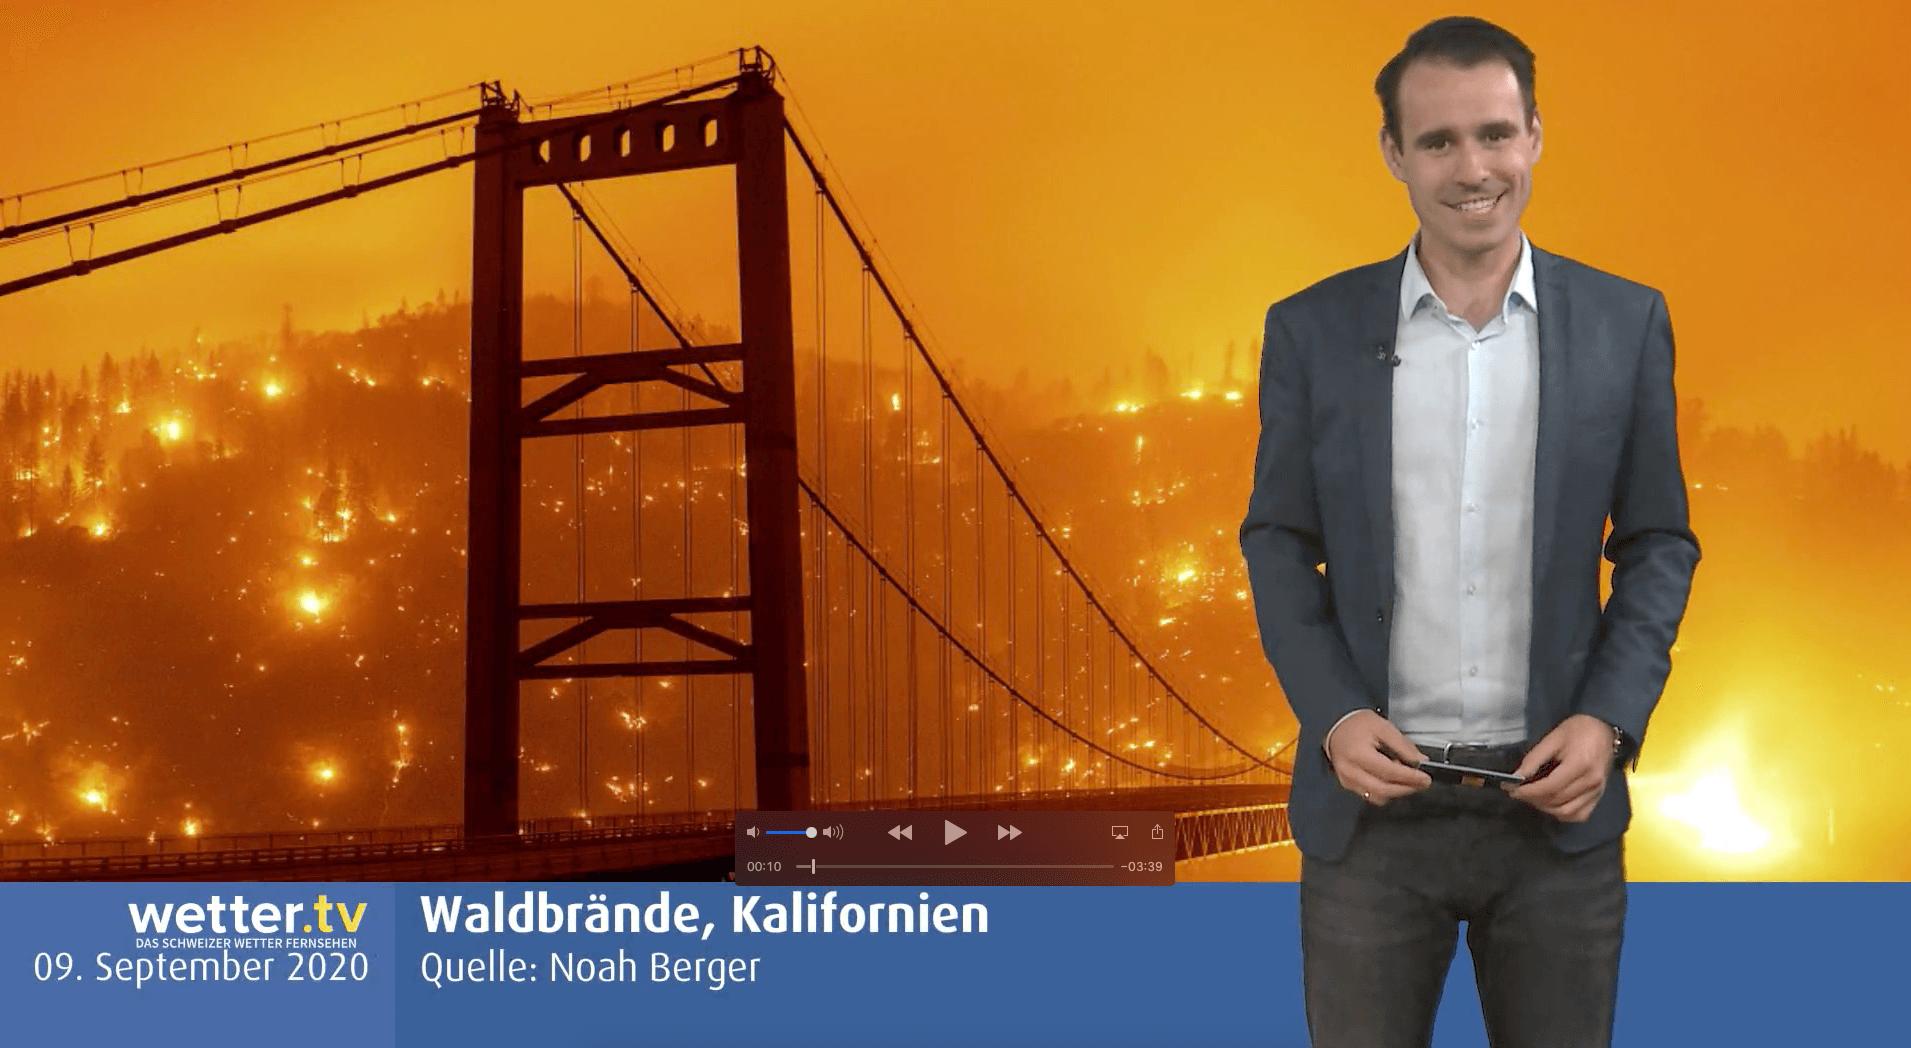 Wilde Wetter Welt 11. September 2020